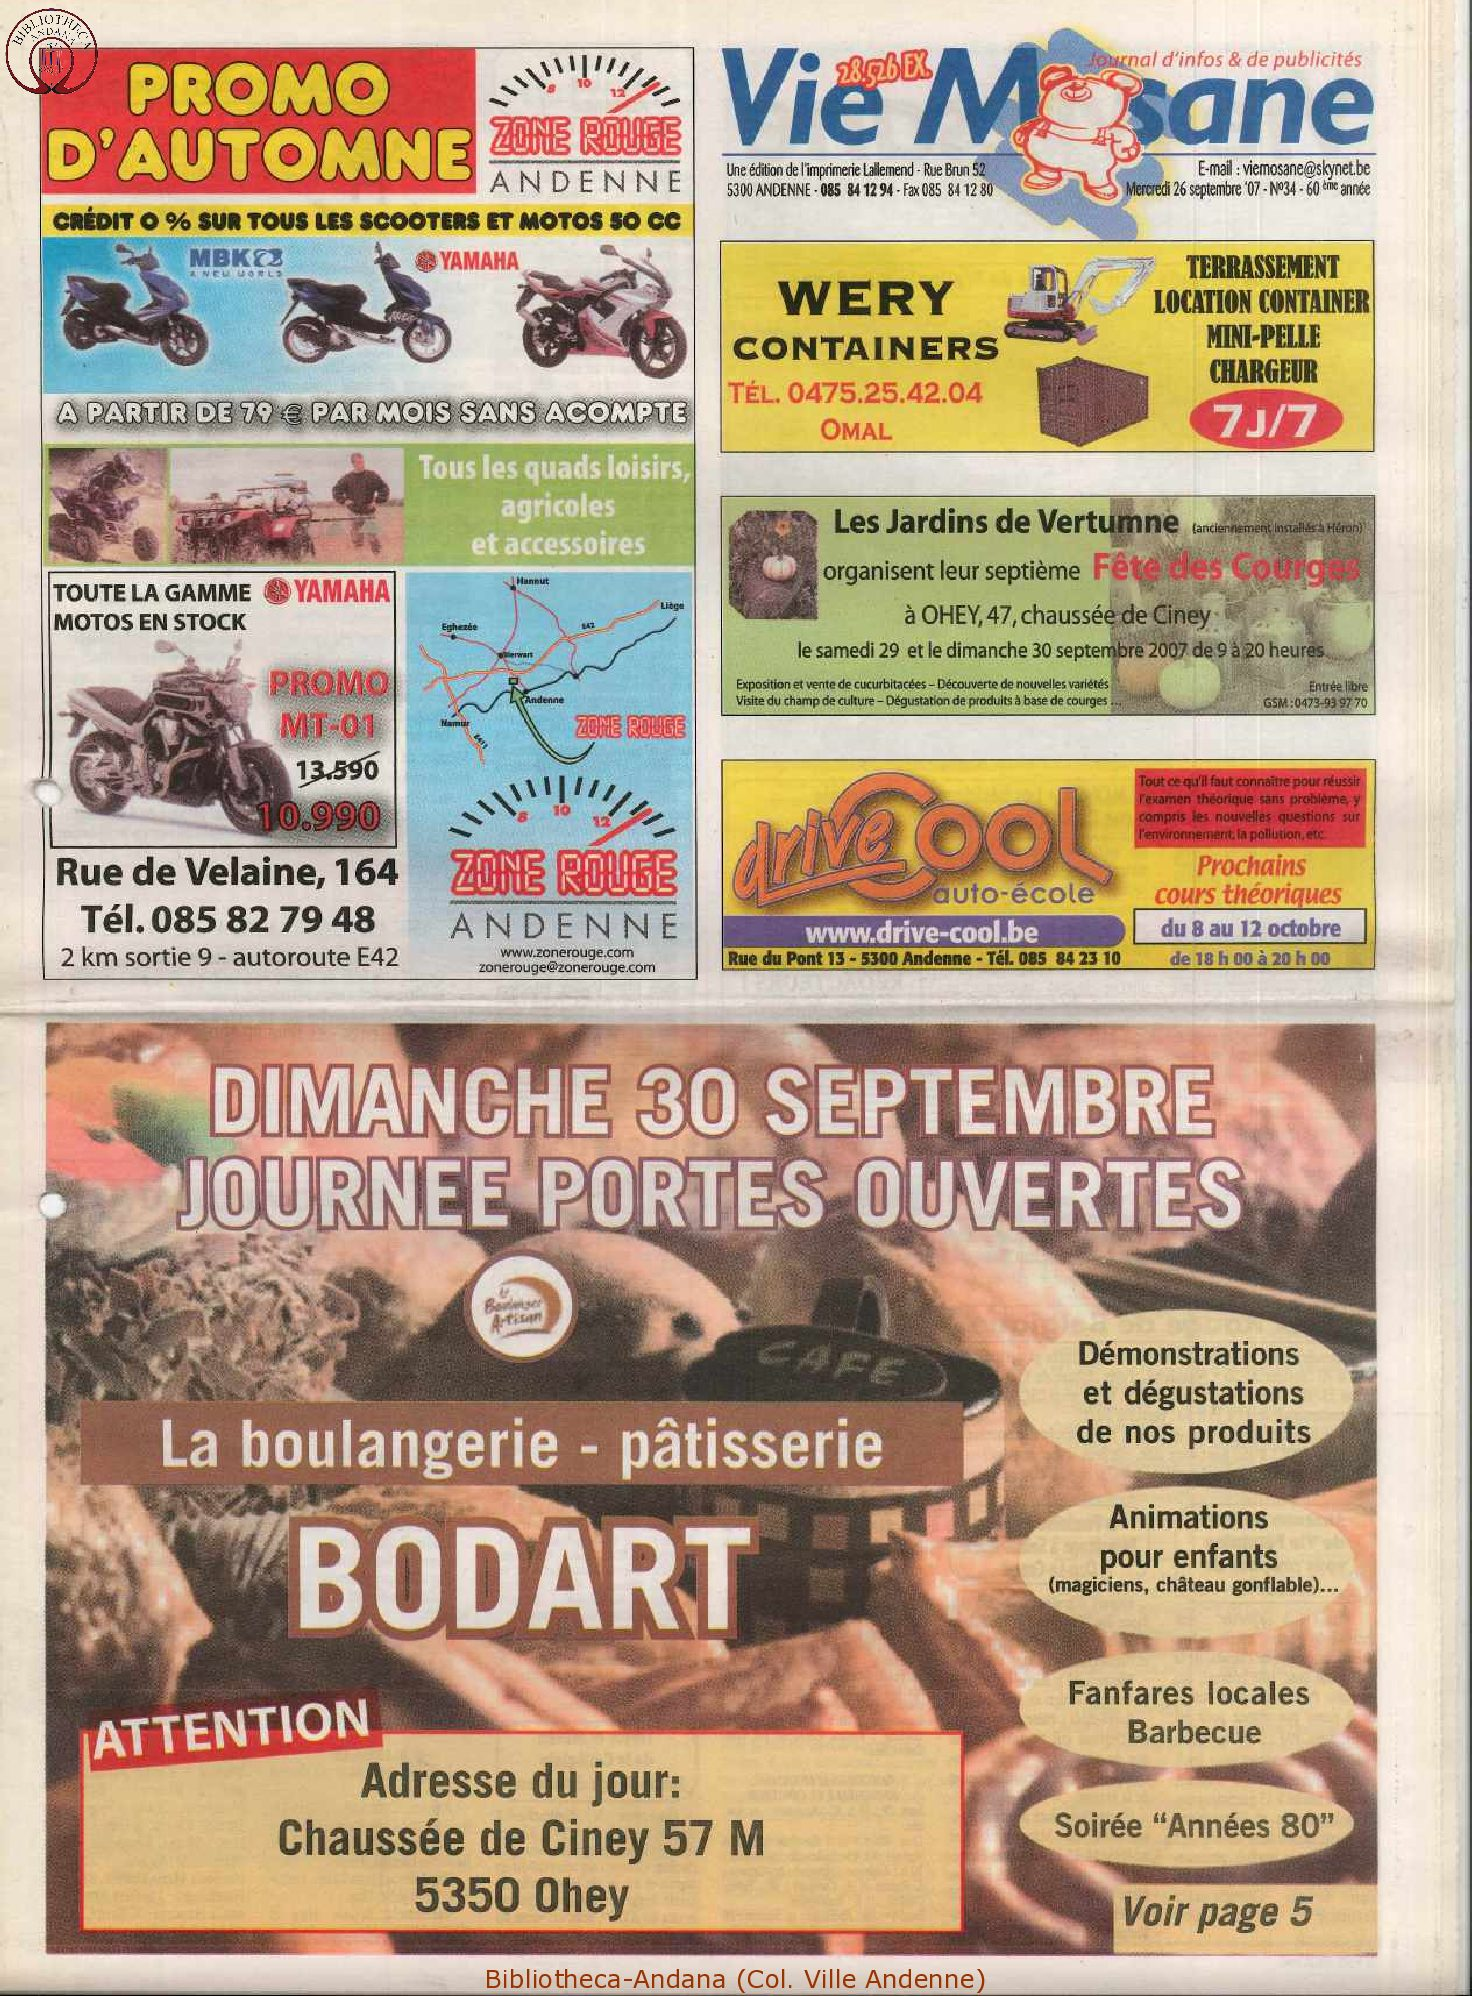 60e année - n°34 - 26 septembre 2007